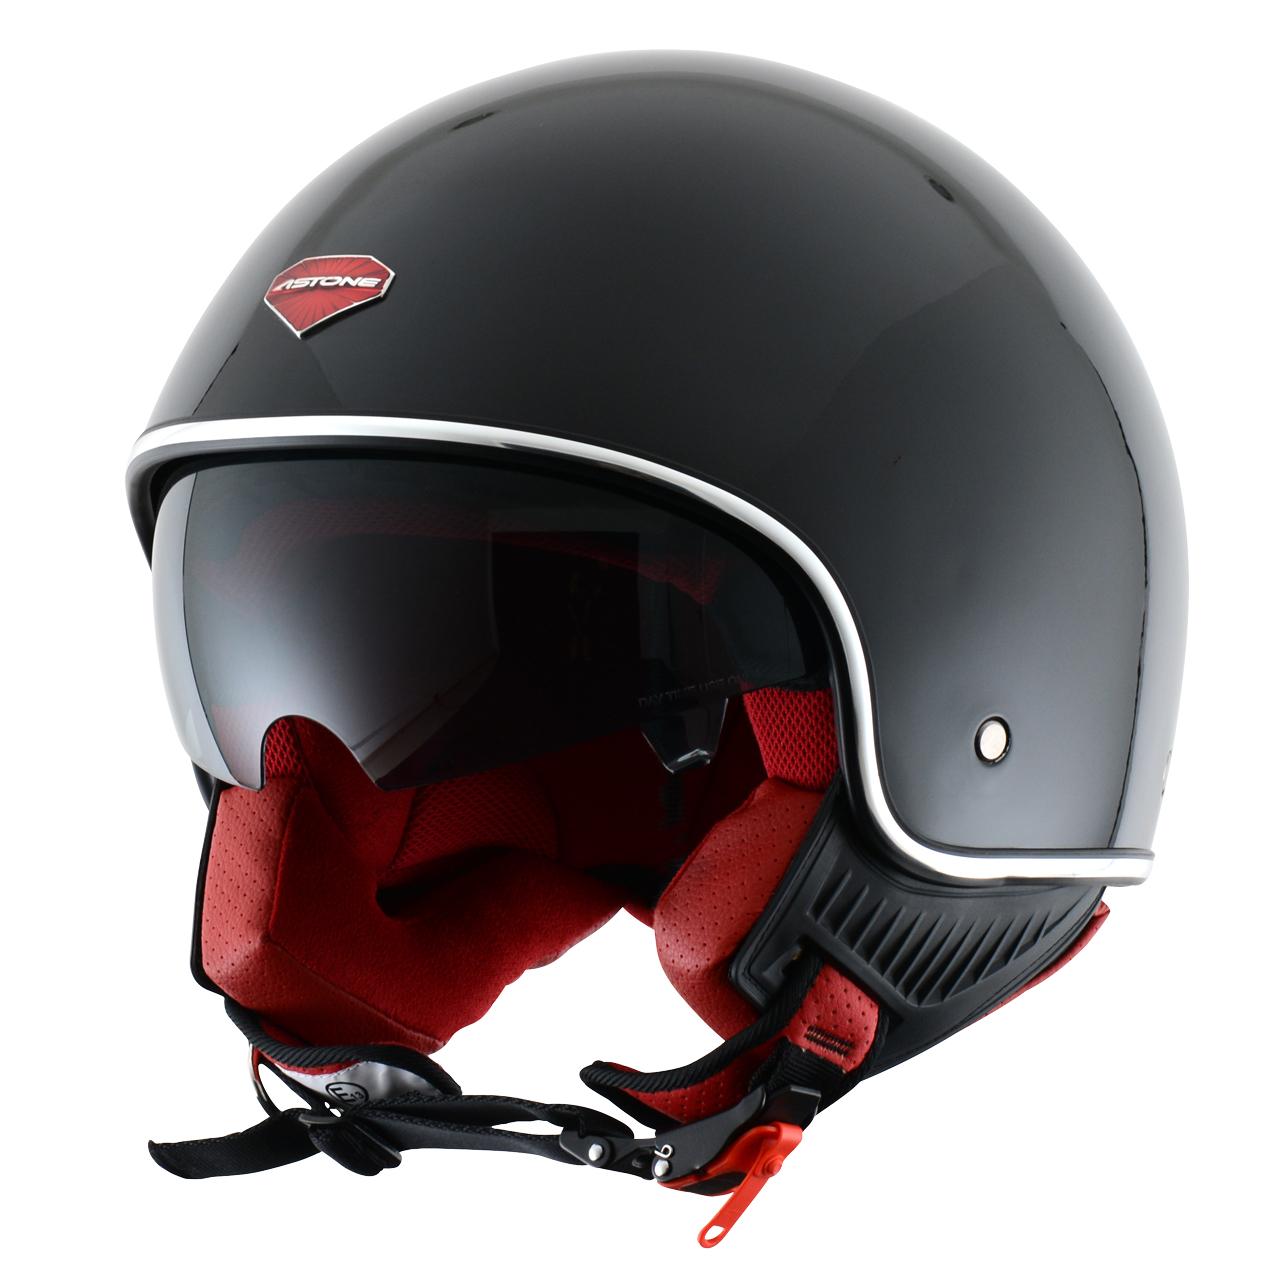 ASTONE MINIJET RETRO - Zozomoto Motorosbolt Pécs webáruház 774688735e